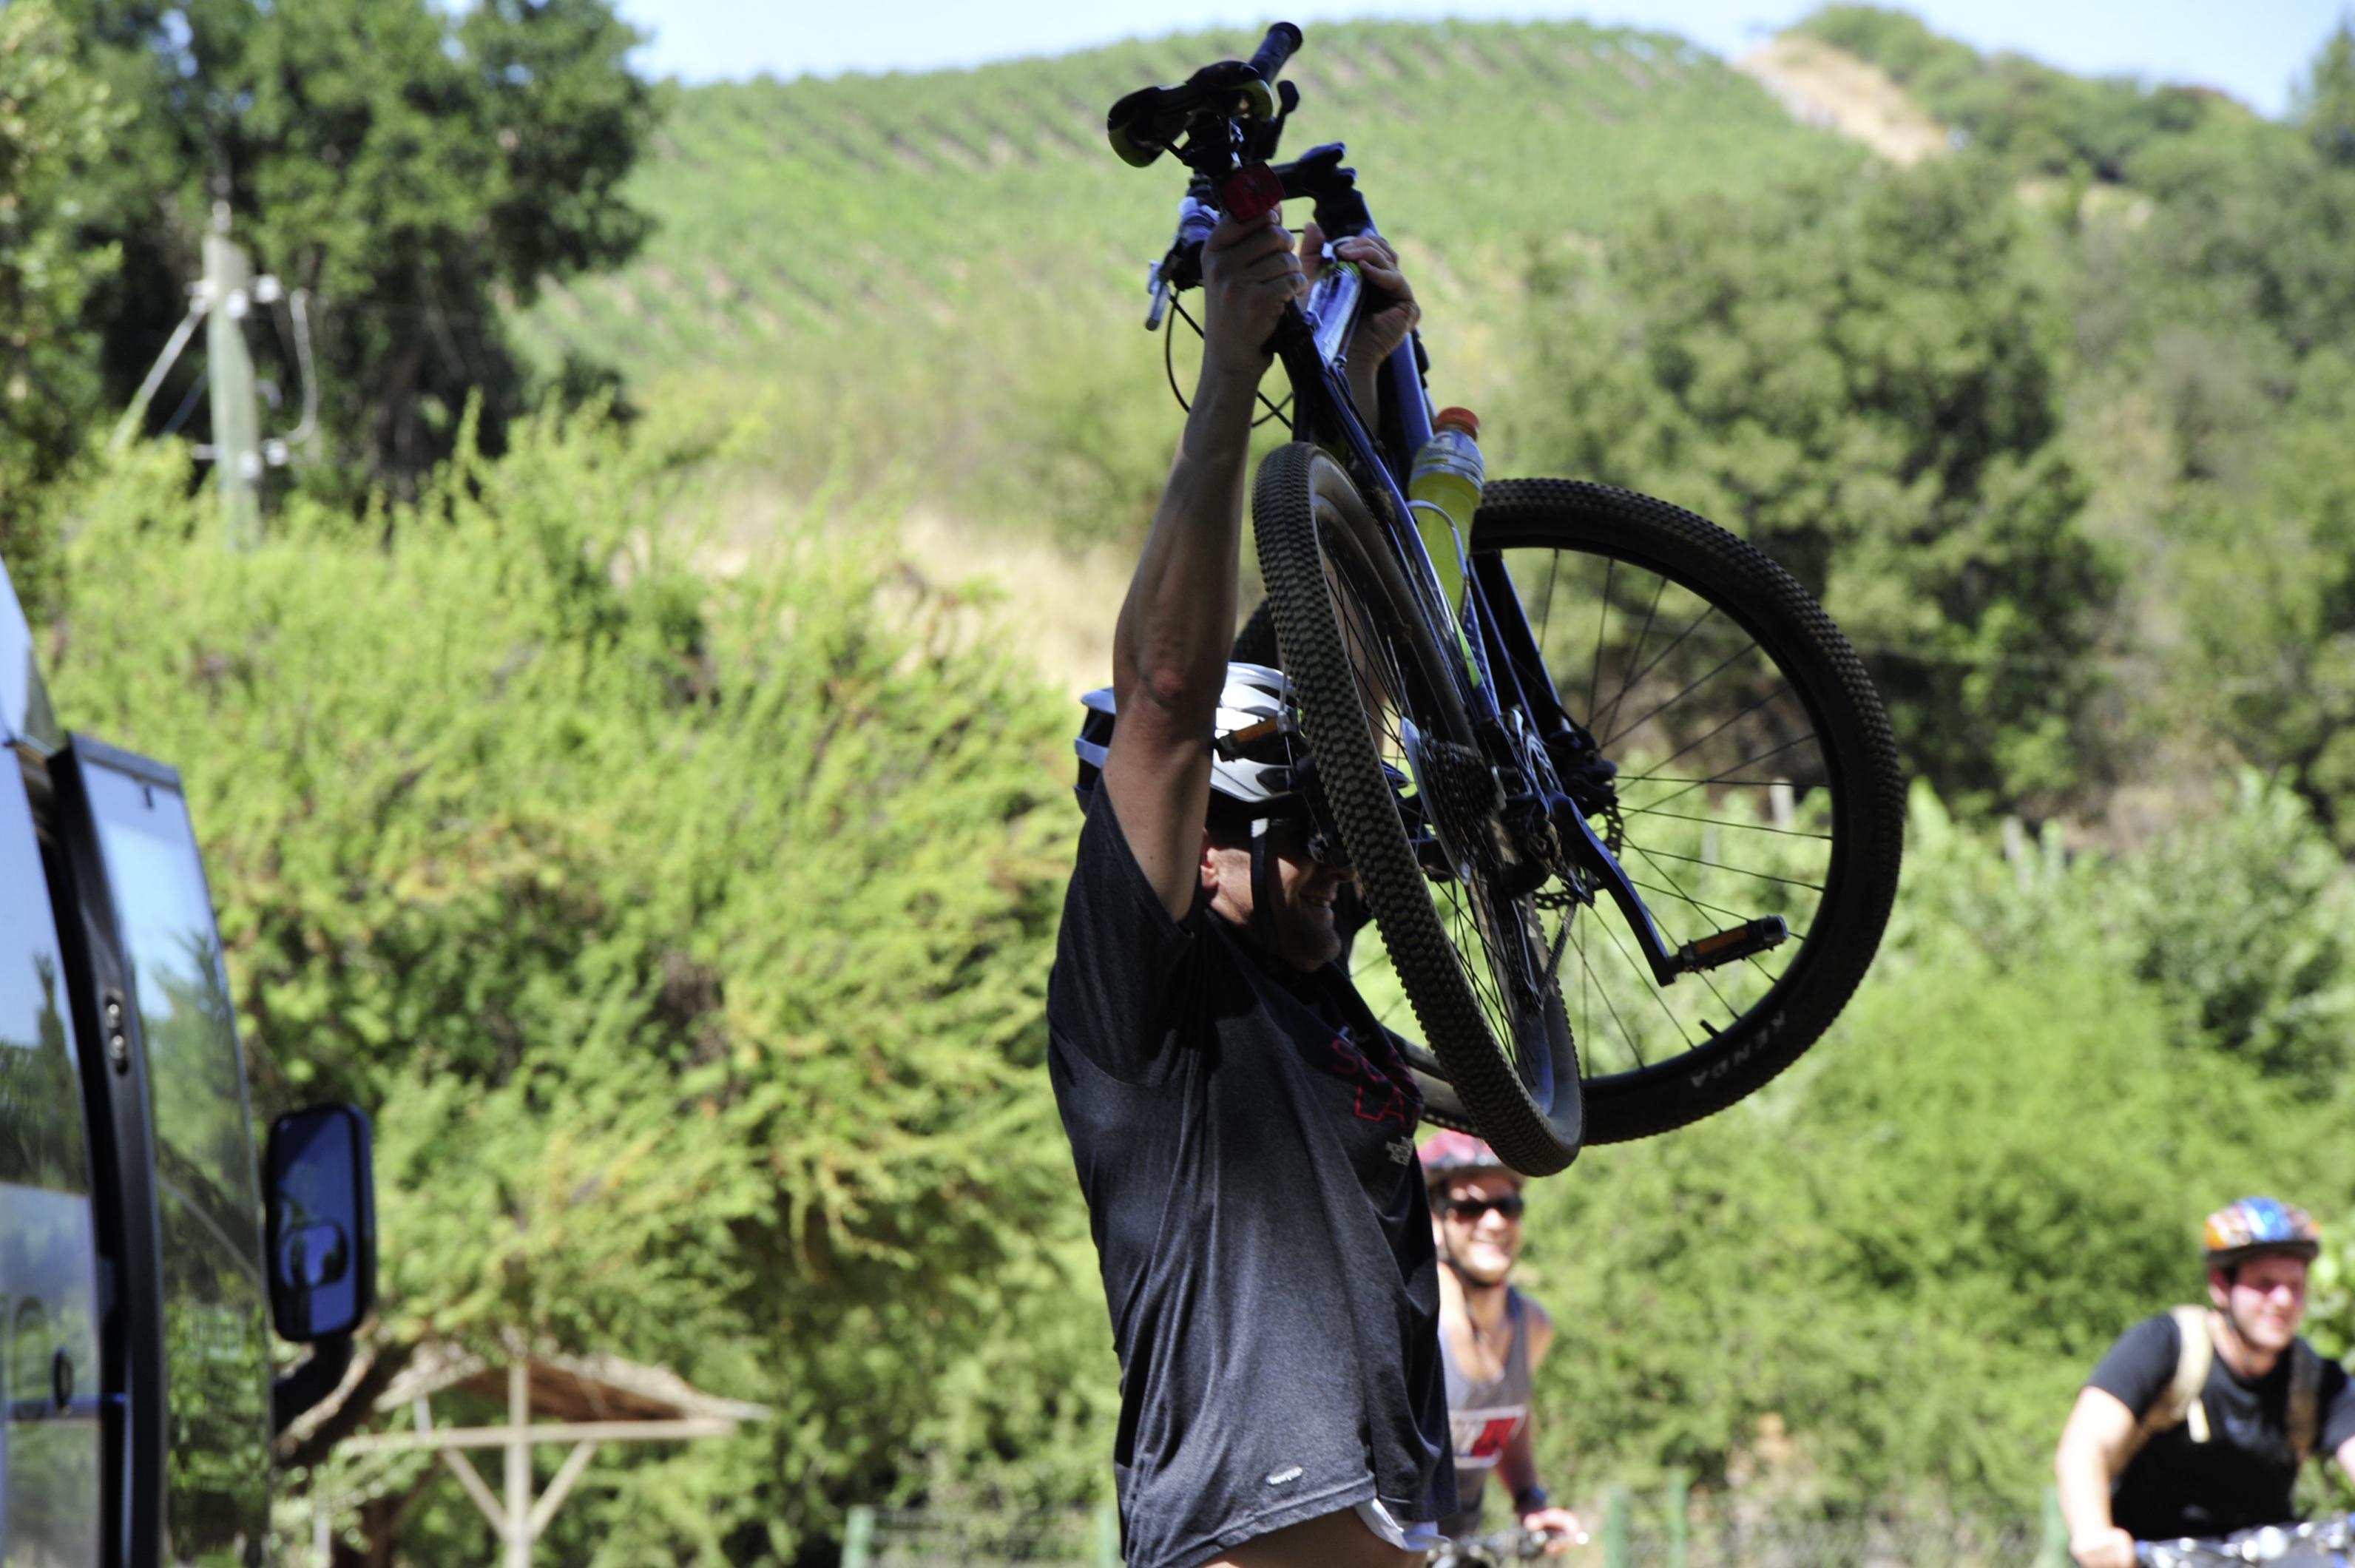 Tour Bicicletas MontGras32 mountainbike